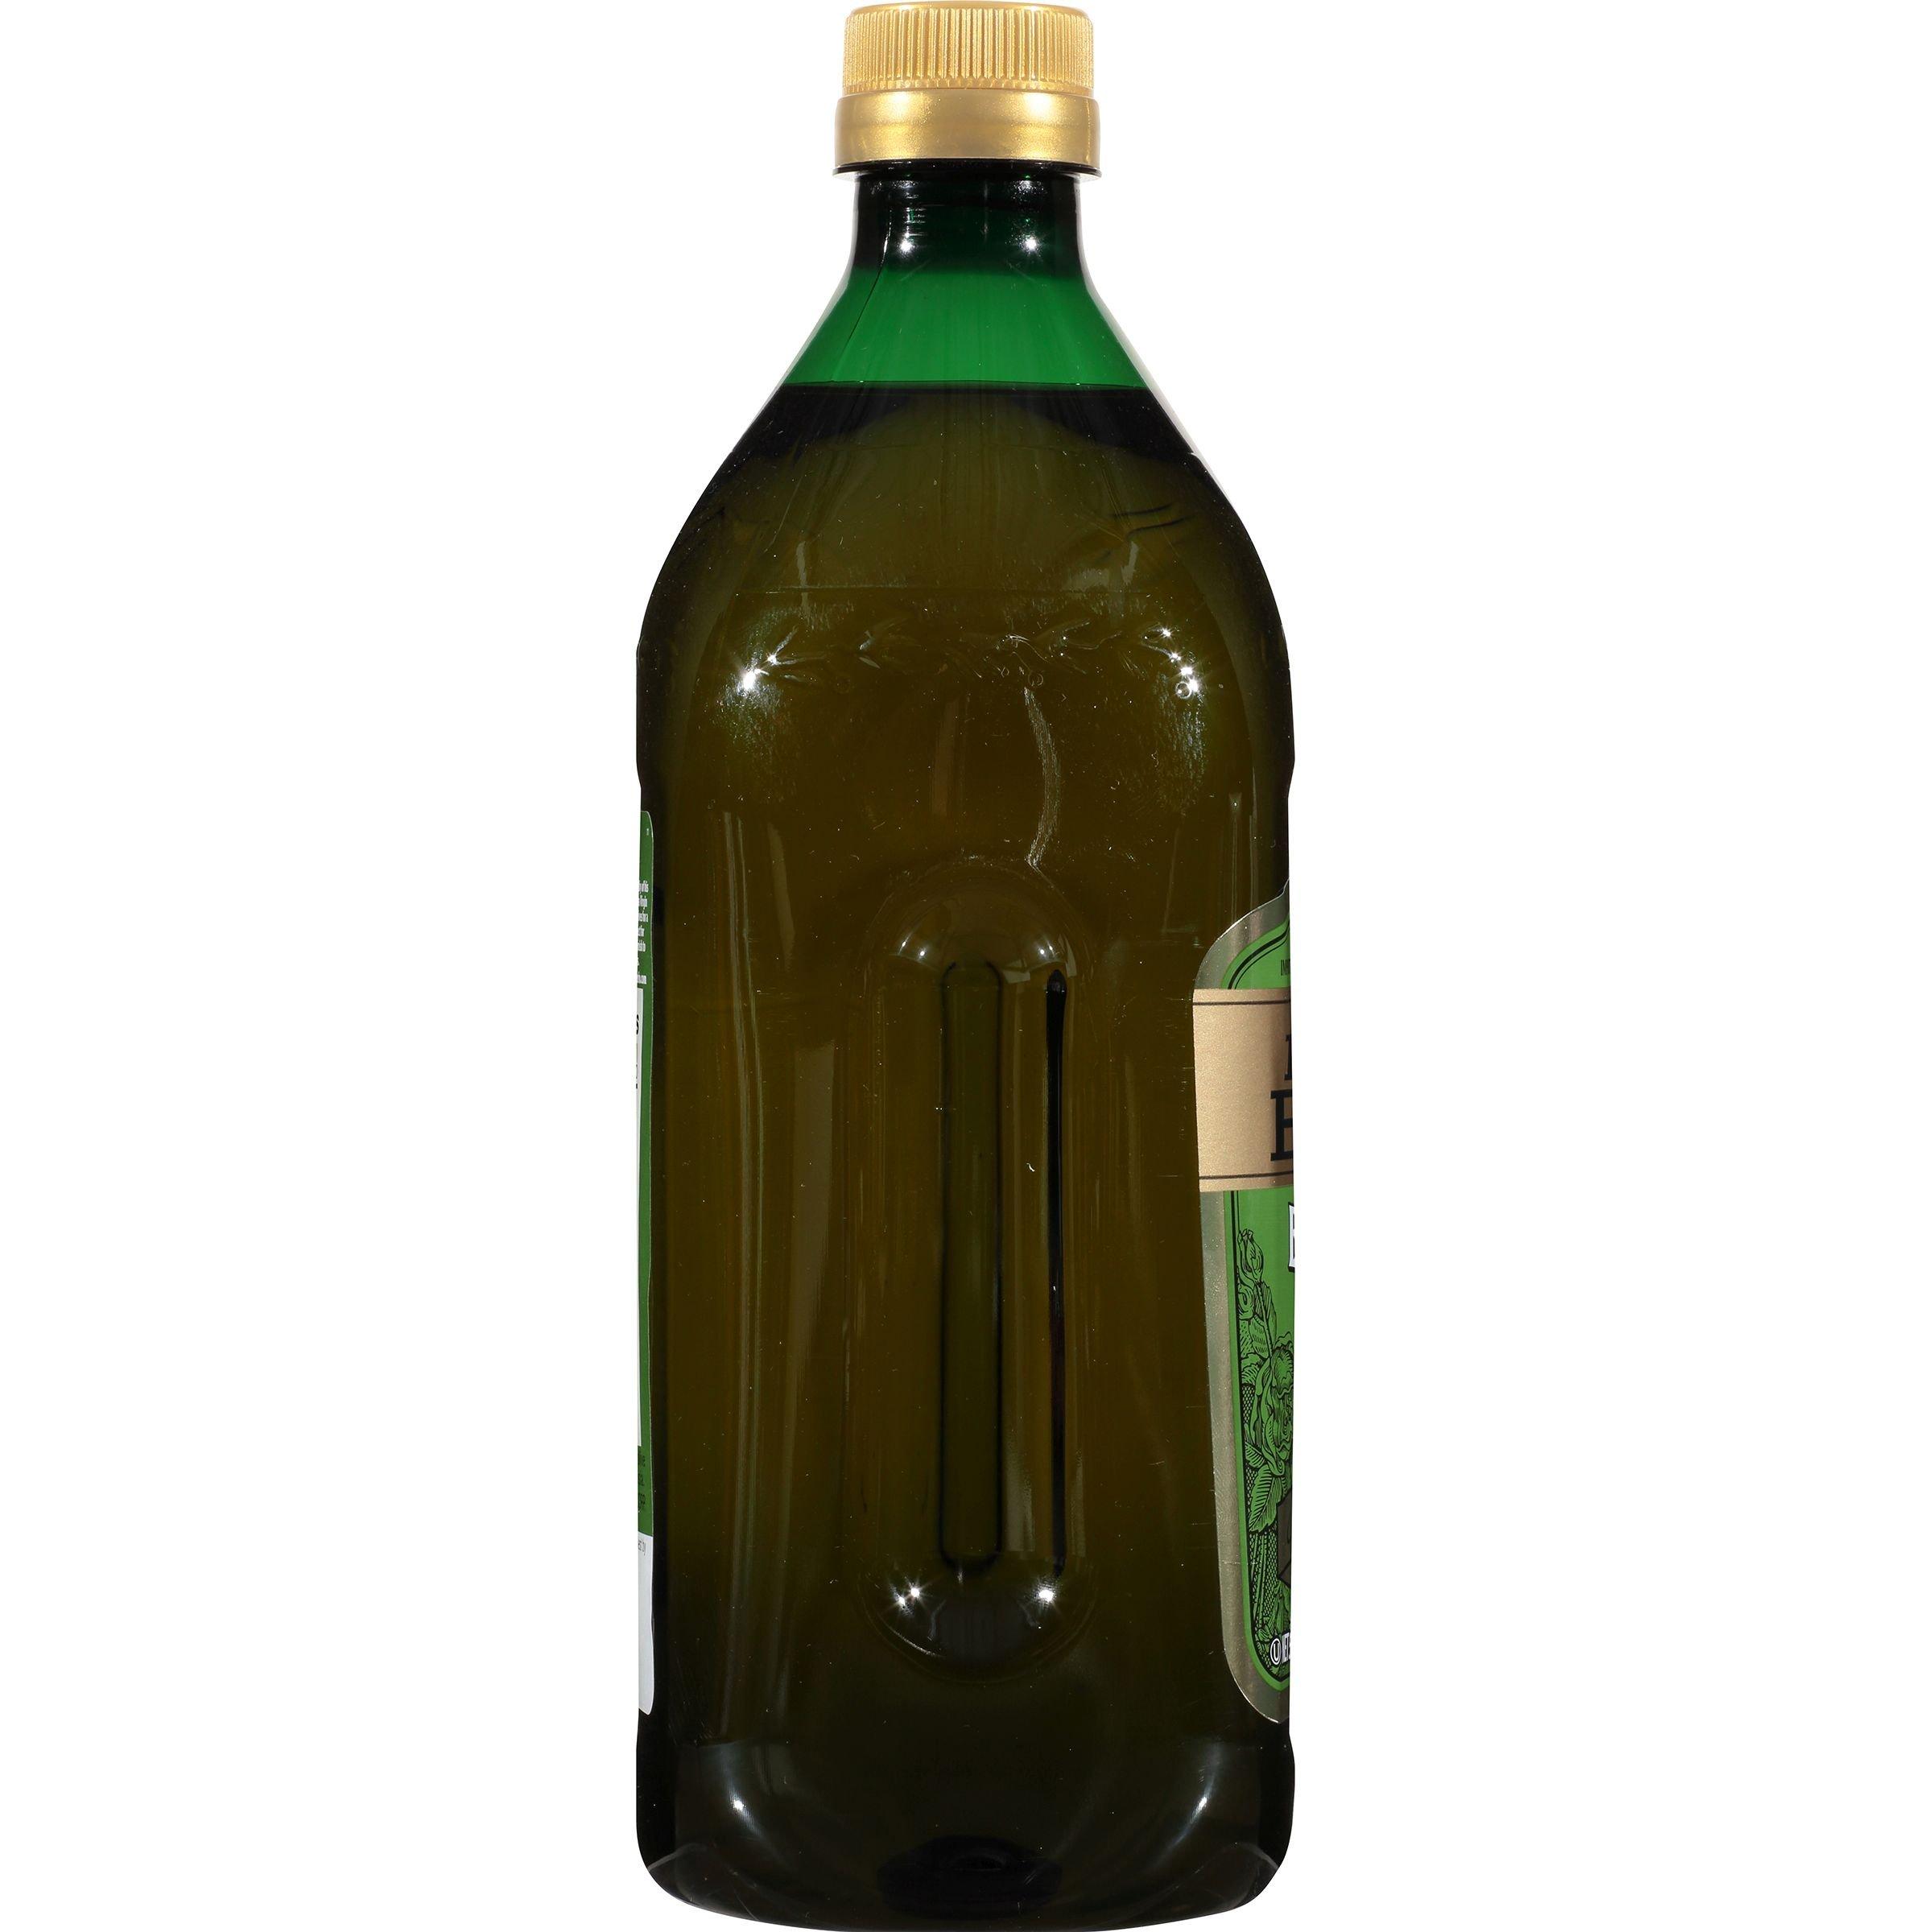 Filippo Berio Extra Virgin Olive Oil, 50.7 Ounce by Filippo Berio (Image #3)